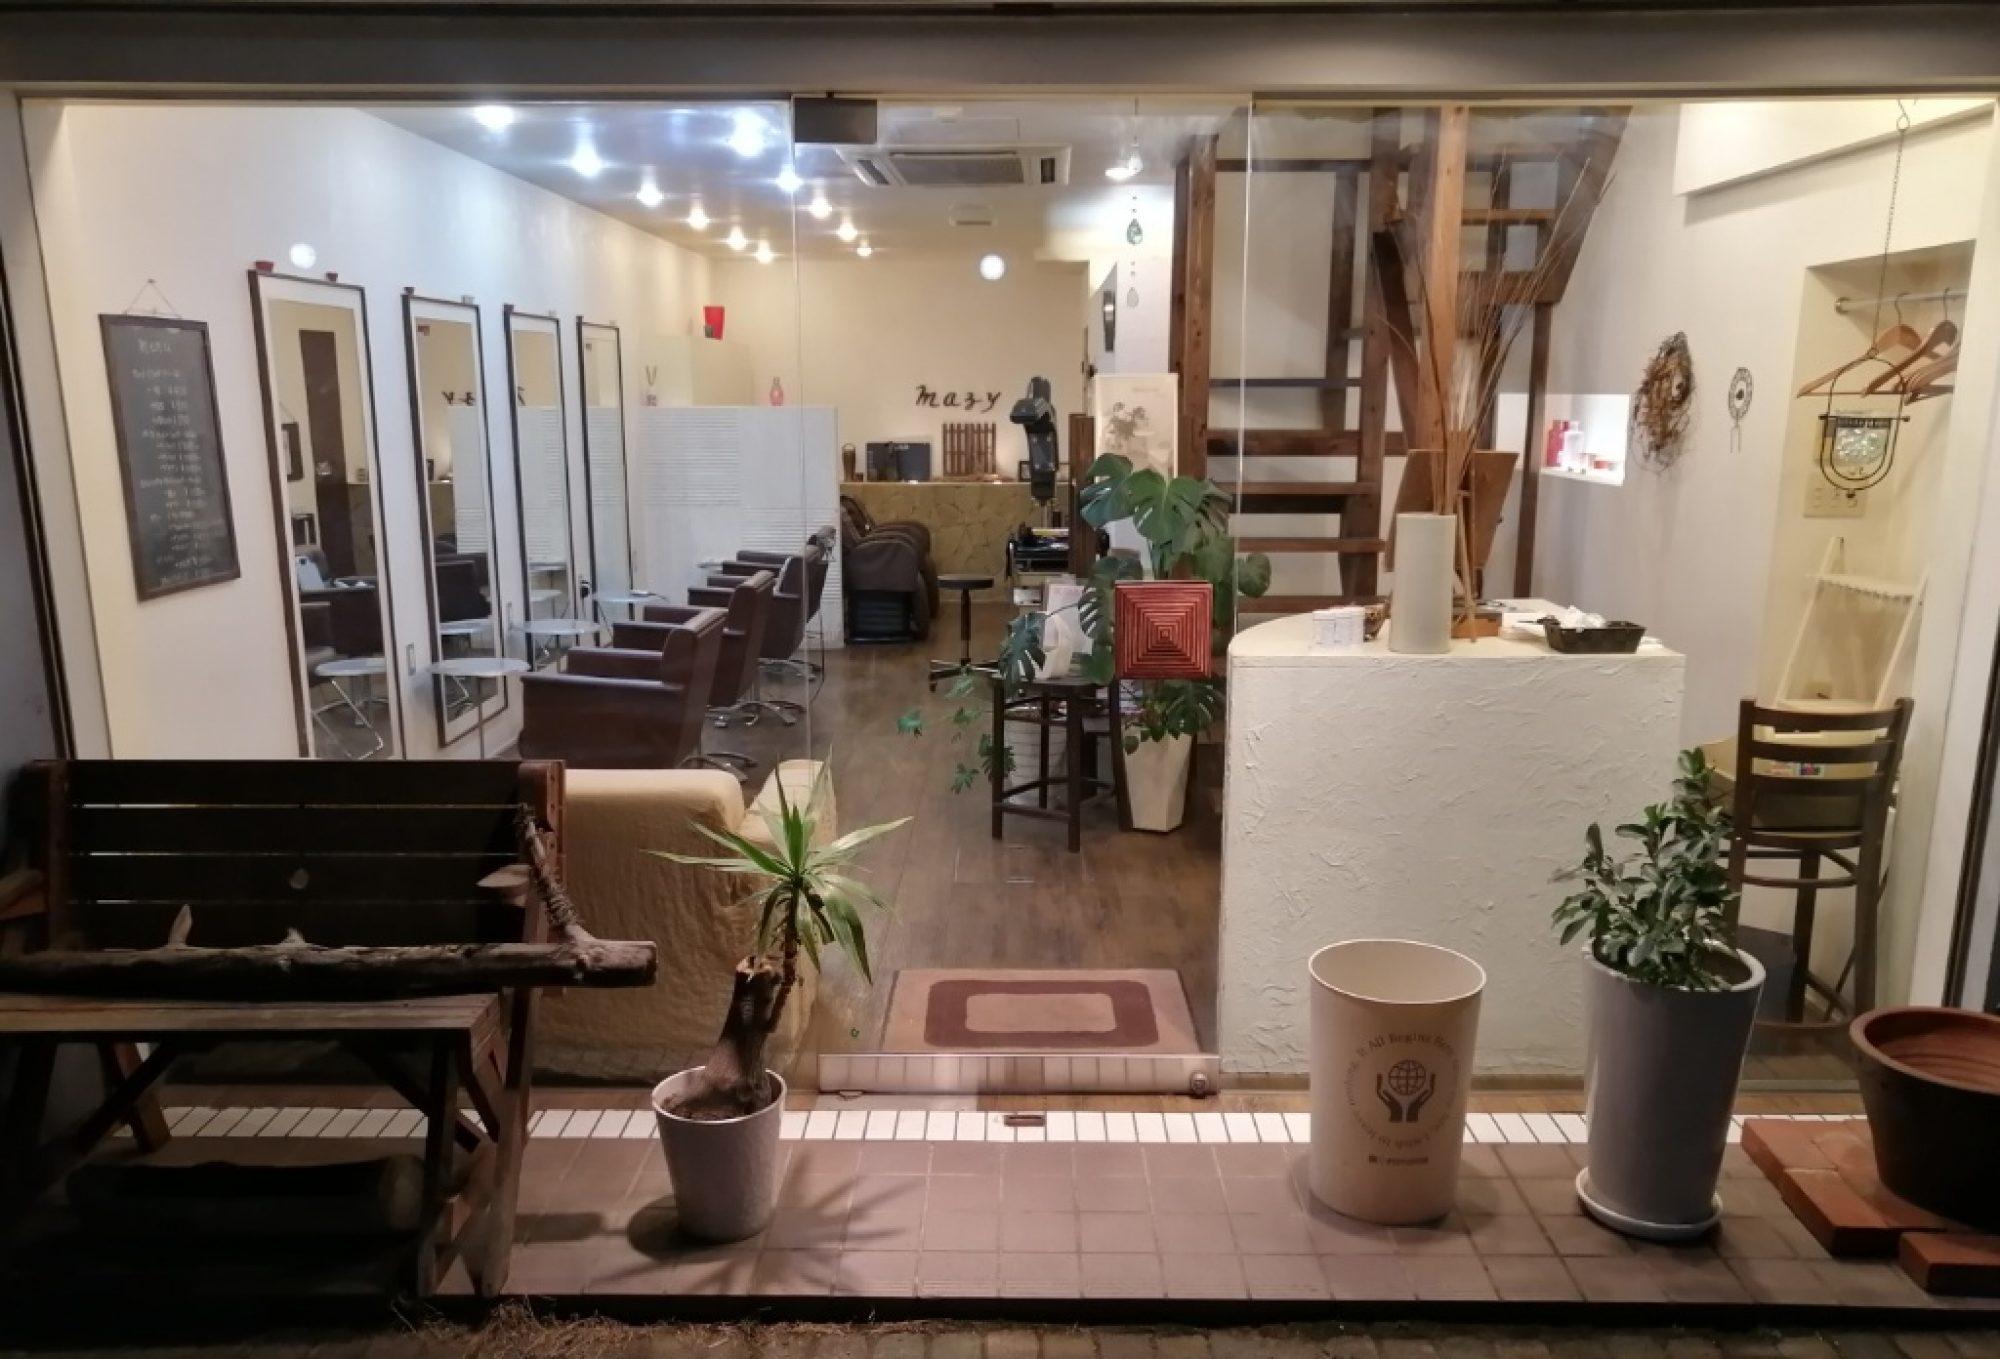 美容室Mazy 【マジィ】|鴻池新田 美容院